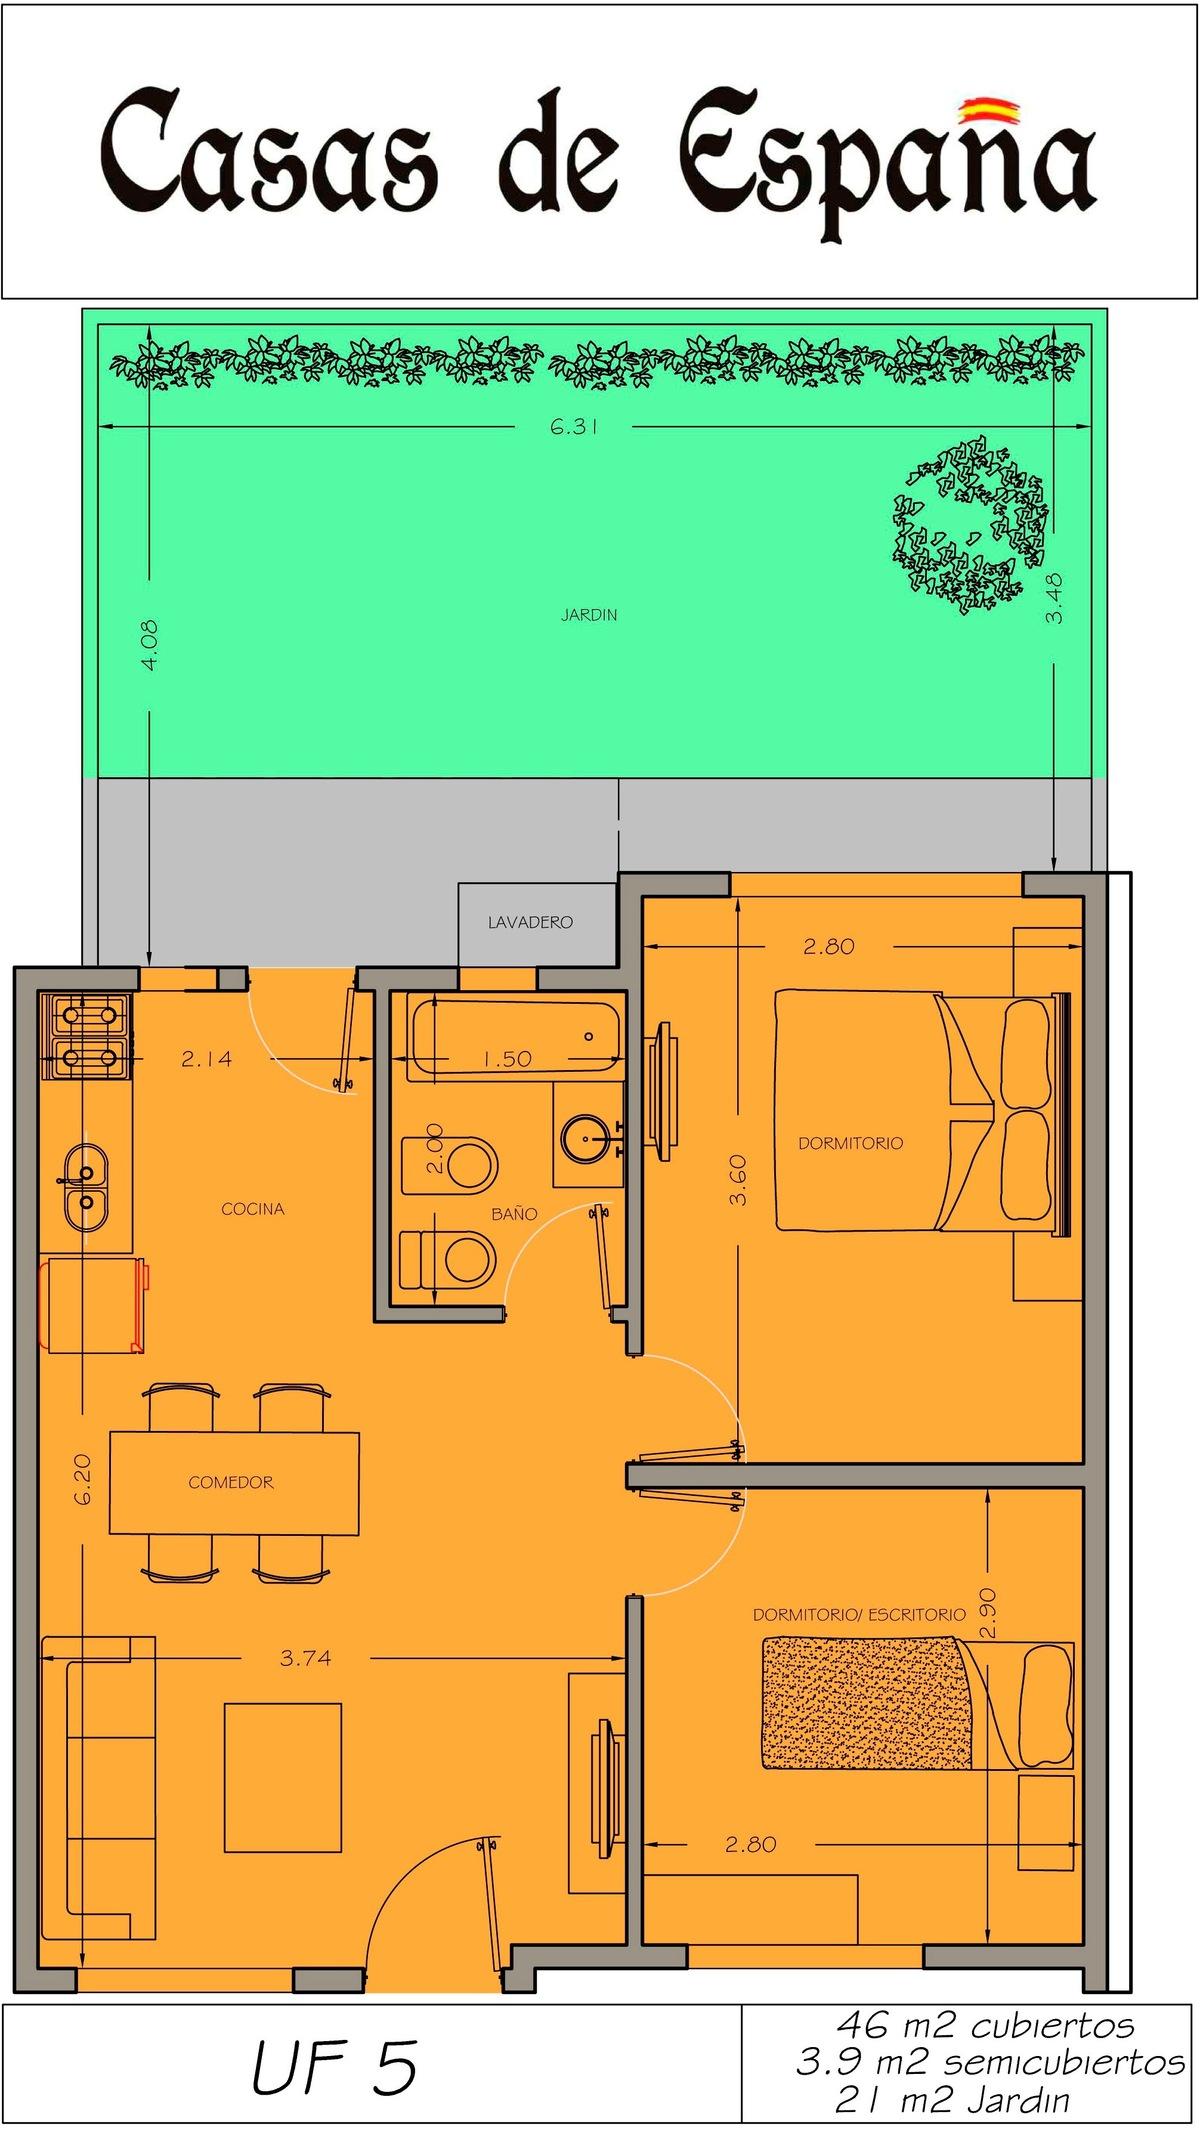 7 de 8: Render Casas de España 02